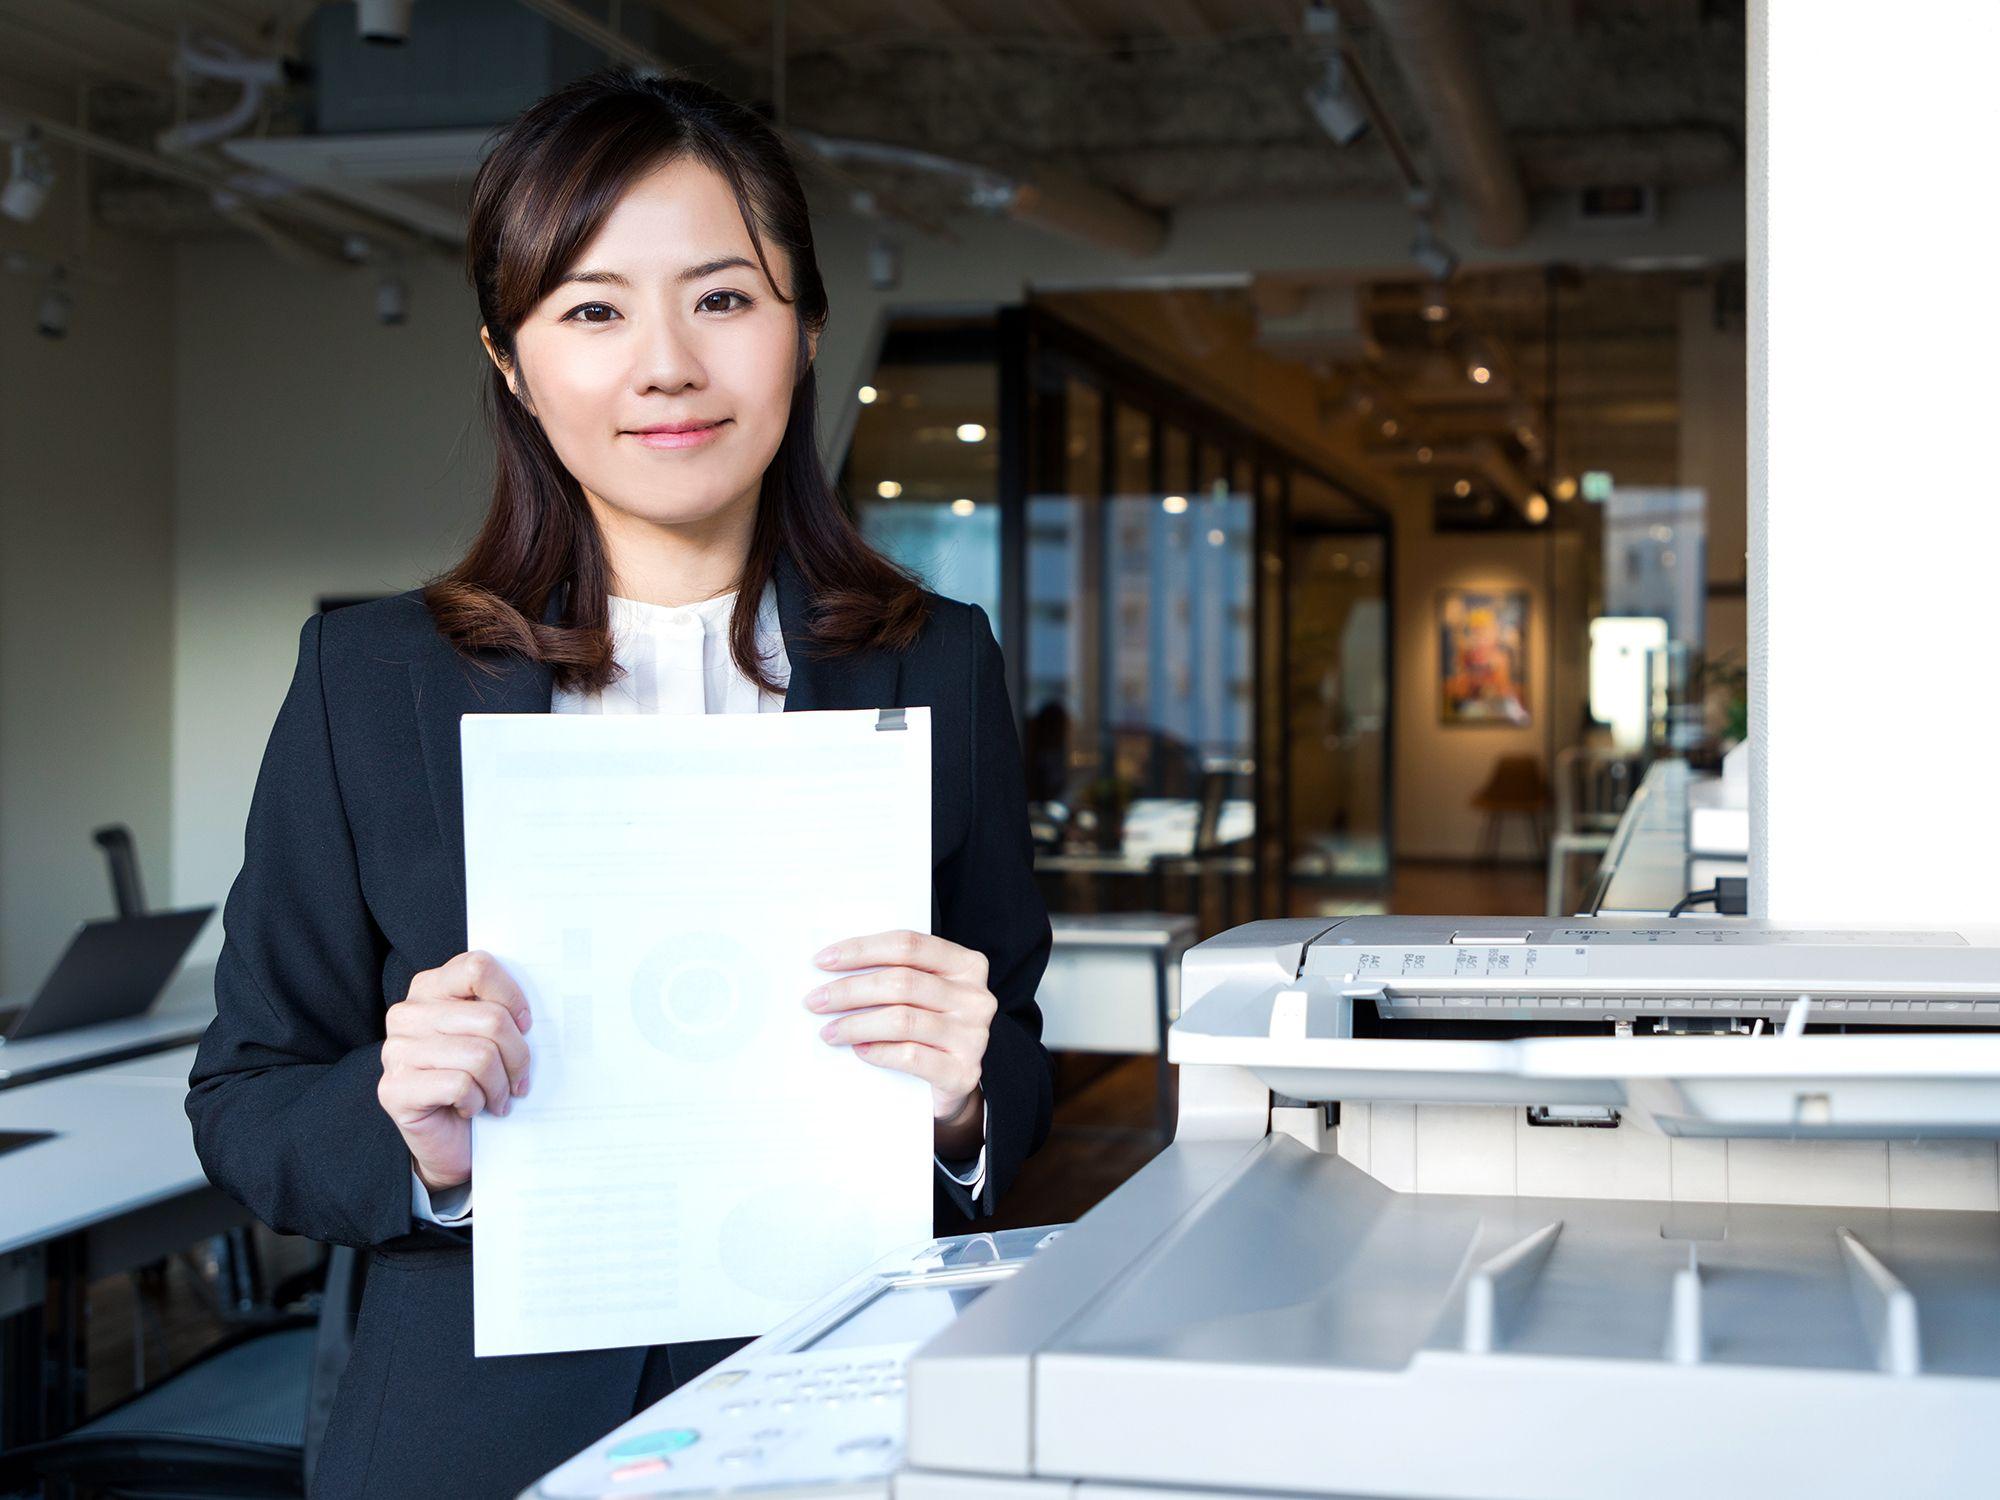 Level 4 - Bürohelfer wie Büroaushilfen, Bürohilfen, Bürohilfskraft, Bürofachkraft und Bürokraft für Büros, Büroarbeit, Büroaufgaben, Bürotätigkeiten, Büroorganisation, Urlaubsvertretung und Rekrutierung per Zeitarbeit, Arbeitnehmerüberlassung, Personalüberlassung oder Personalvermittlung finden und buchen